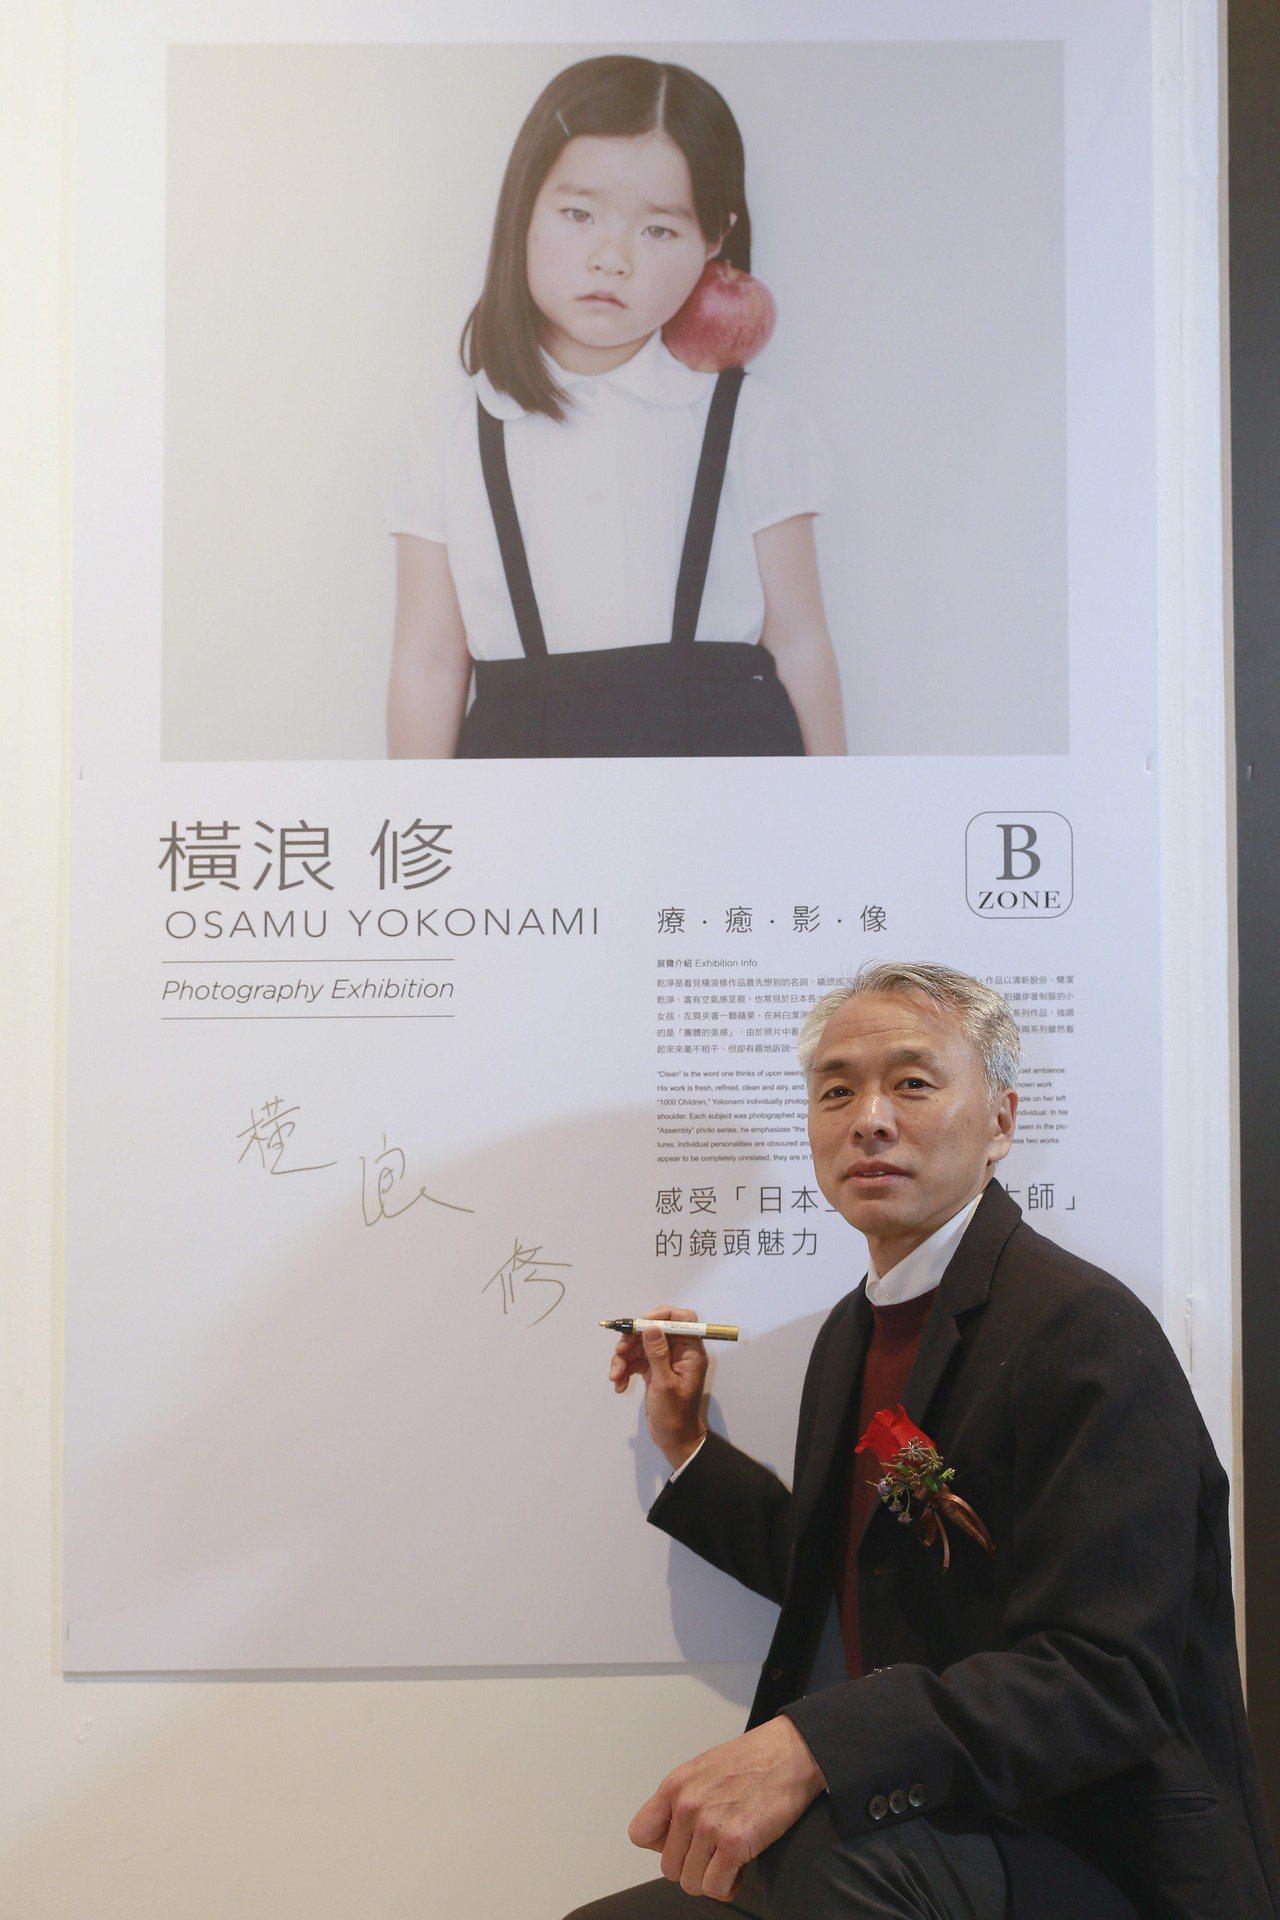 日本「空氣感療癒影像大師」橫浪修Osamu Yokonami在台灣推出攝影展。圖...